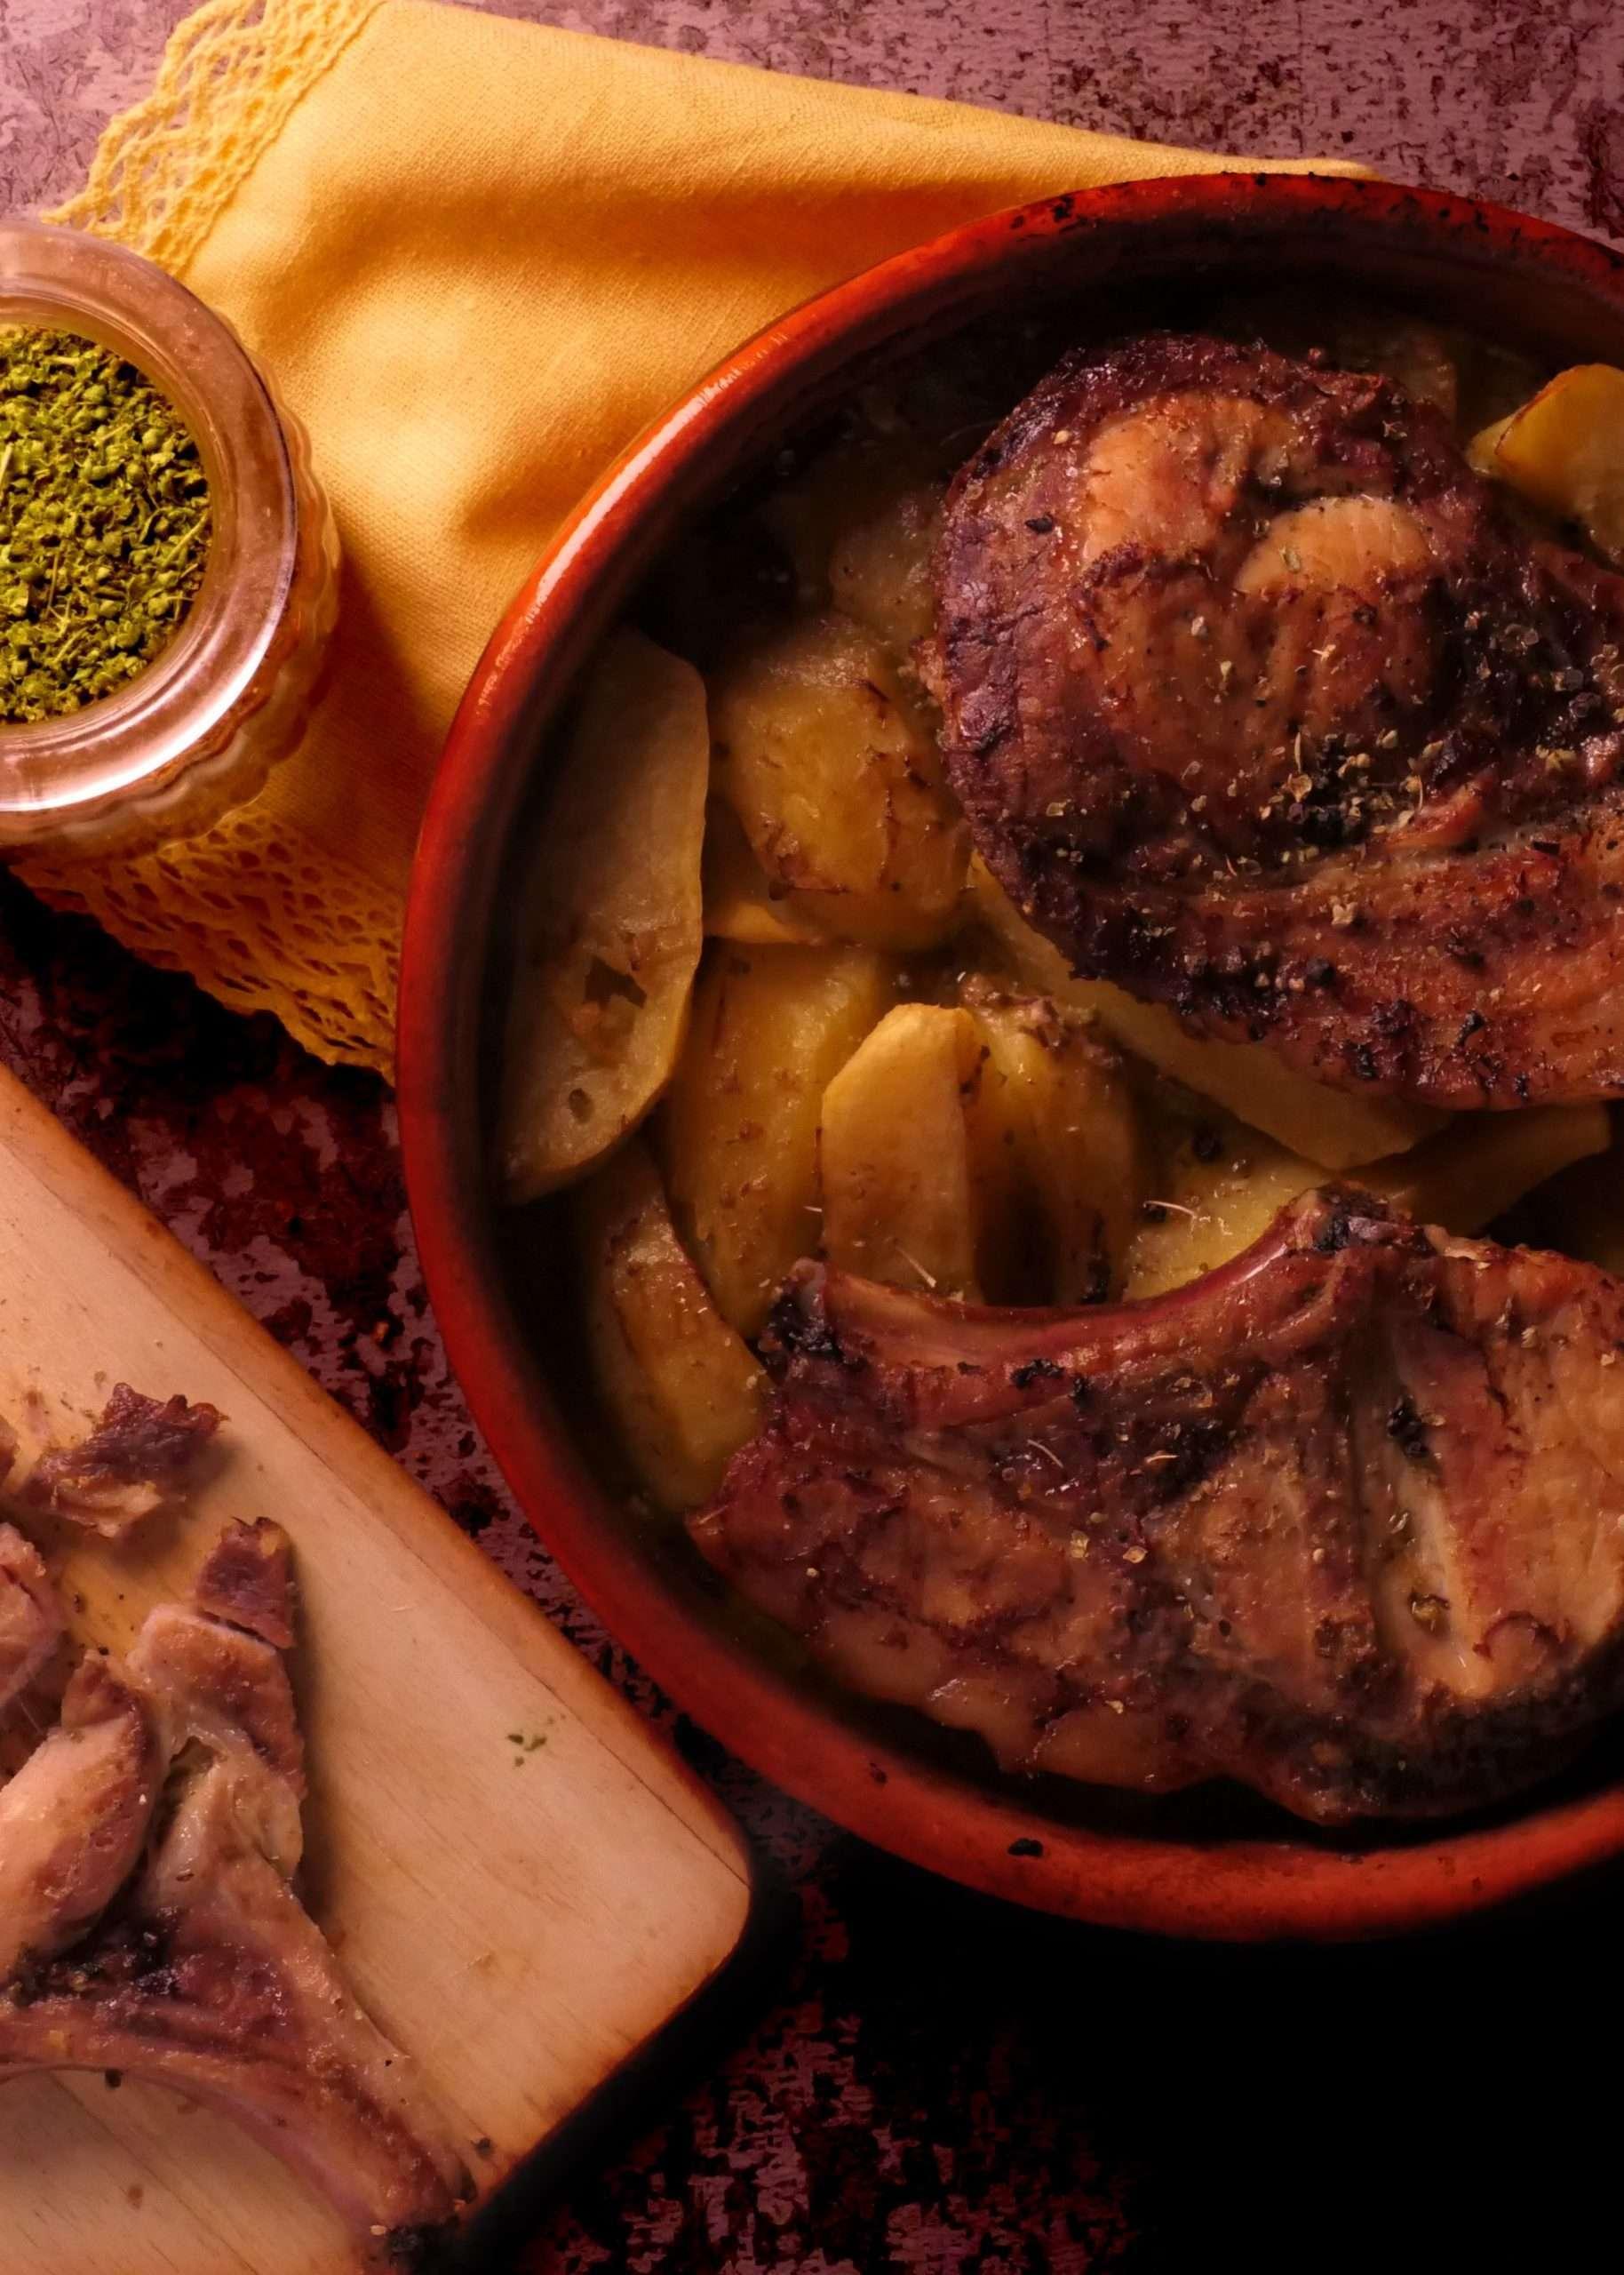 côtes de porc au four avec des pommes de terre